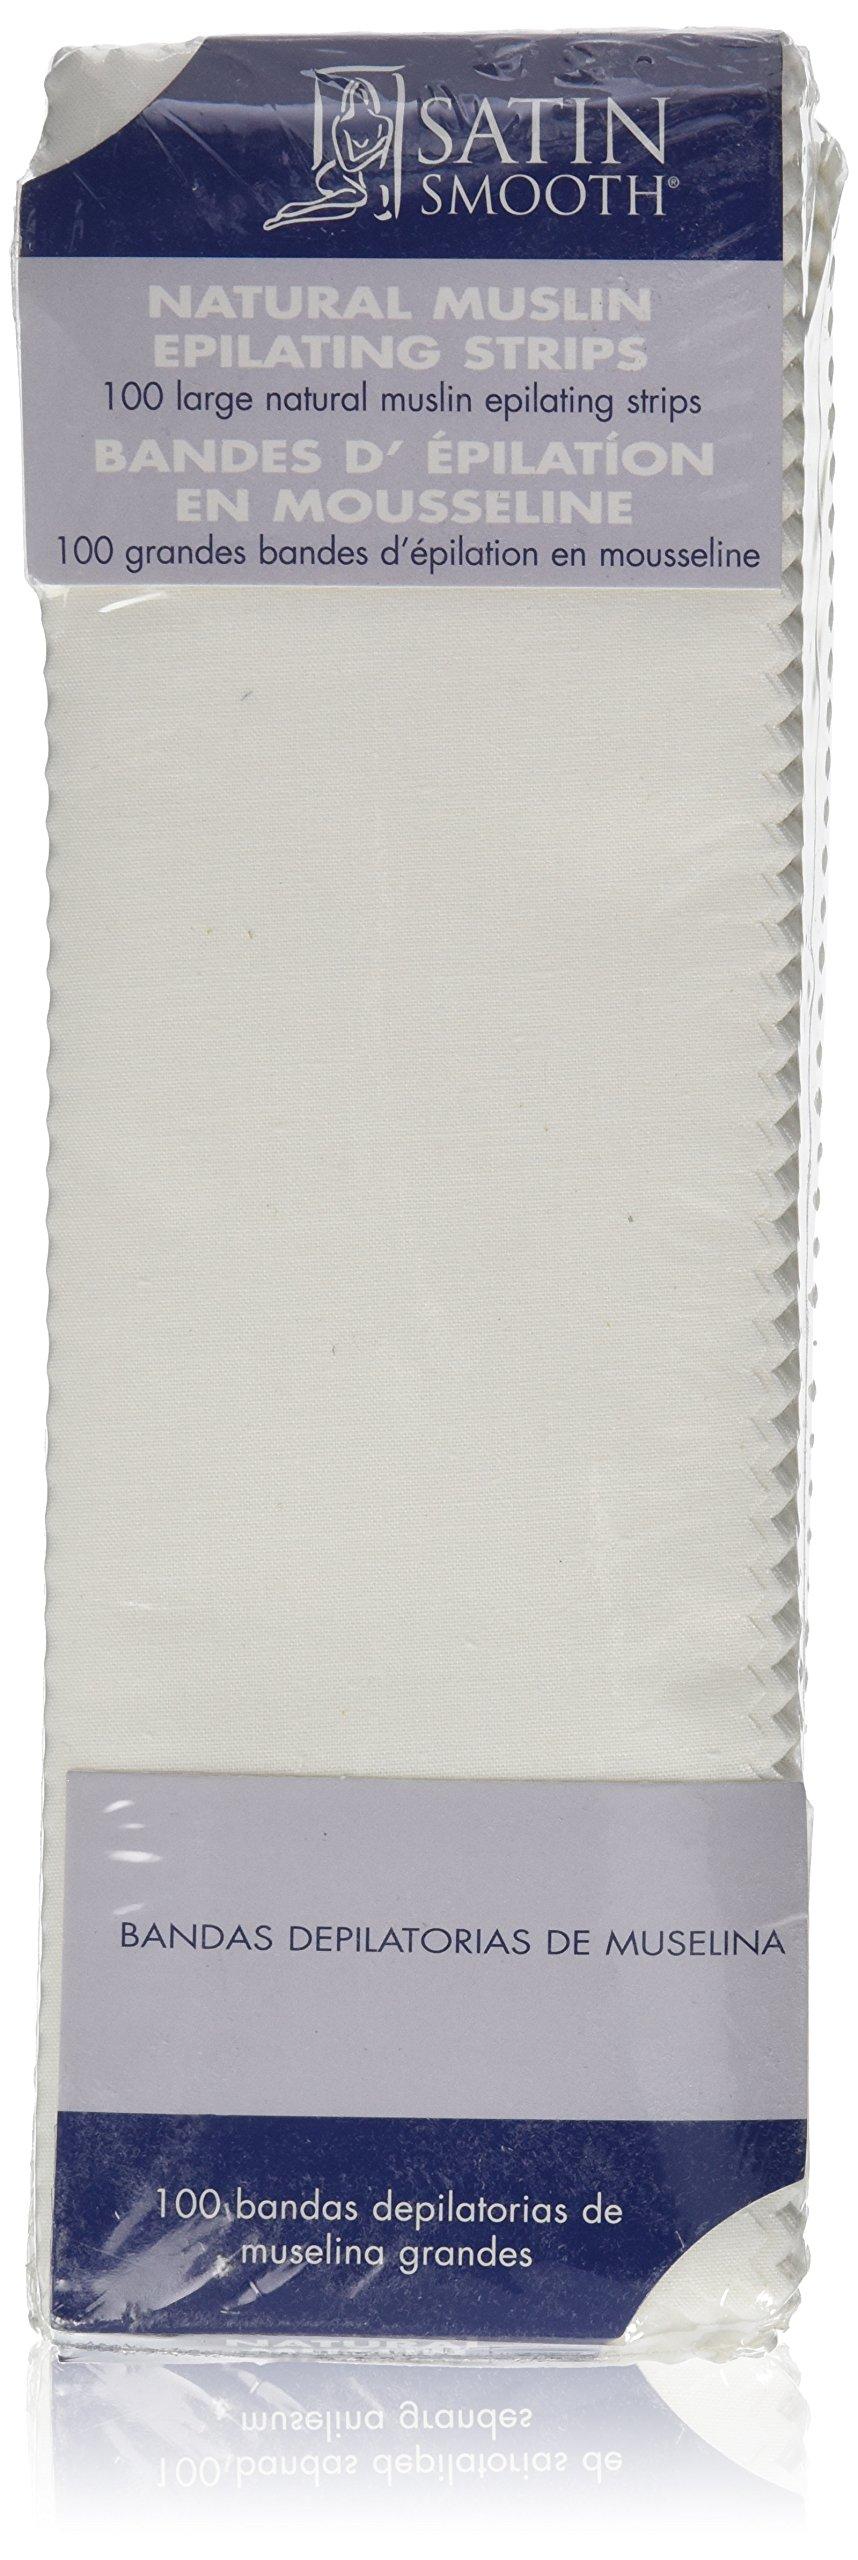 SATIN SMOOTH Muslin Epilating Strips, Large